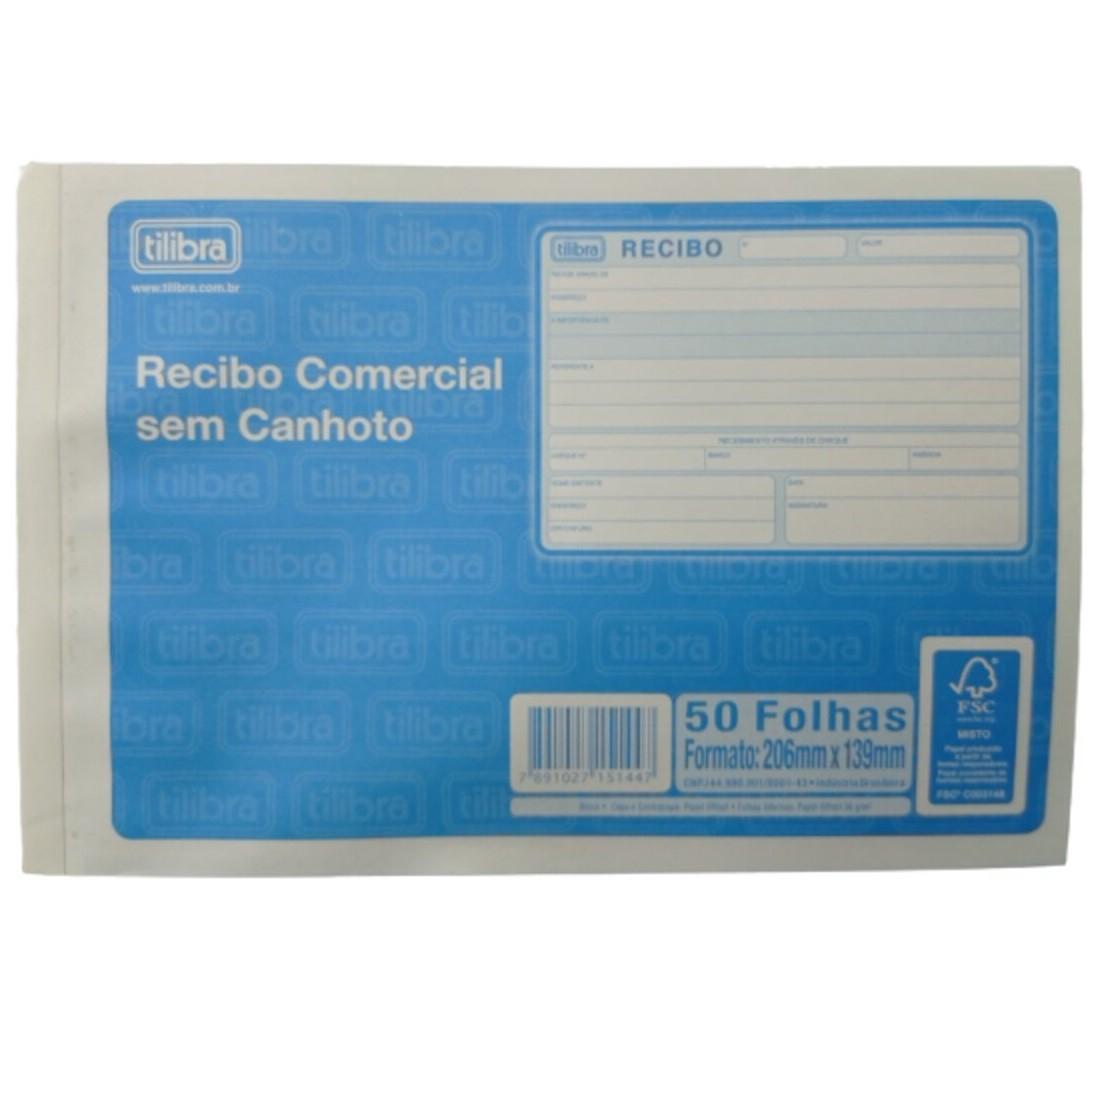 BLOCO COMERCIAL SEM CANHOTO TILIBRA 50 FOLHAS 206mm X 139mm